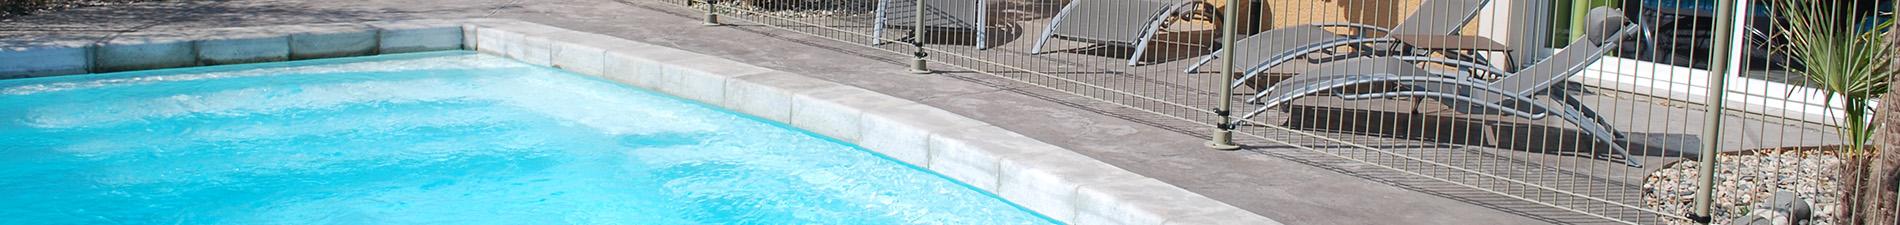 Piscine de résidence de villas à louer en Ardèche Blue Hills Résidence